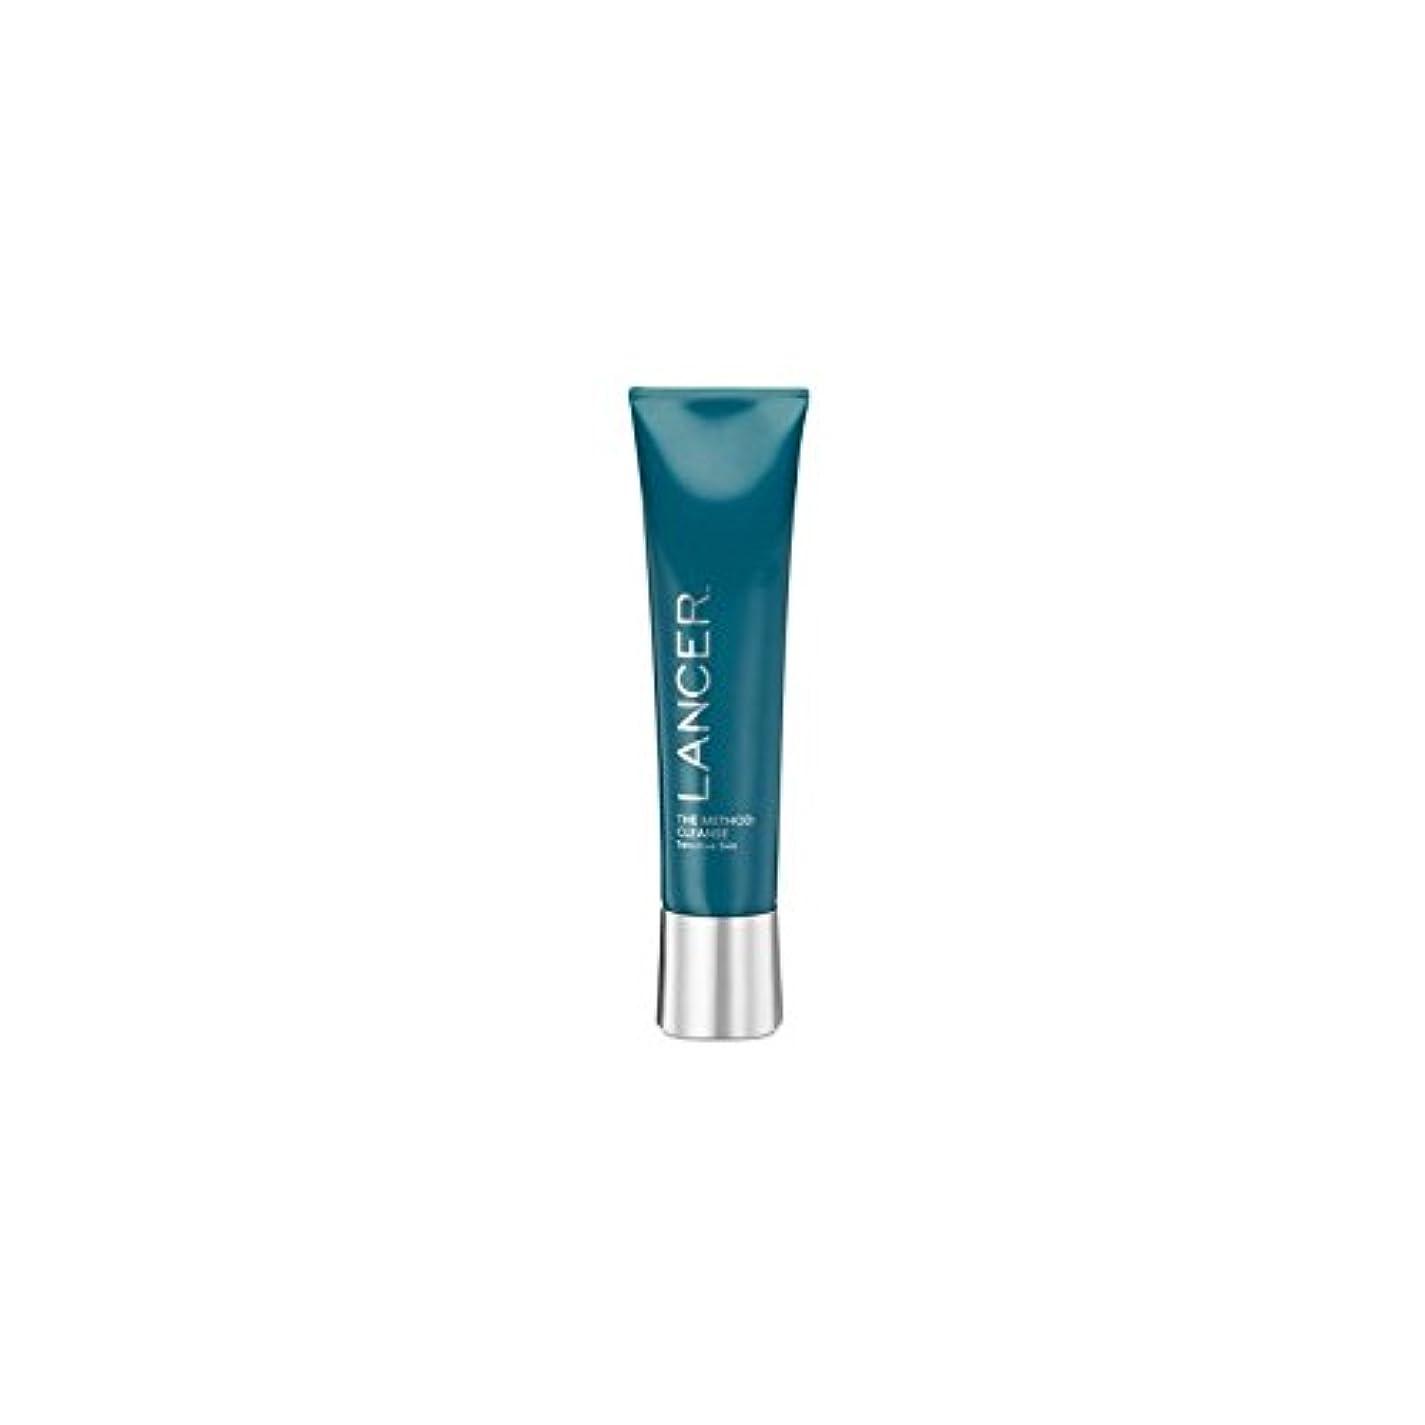 一緒法廷キャプチャークレンザー敏感肌(120ミリリットル):ランサーは、メソッドをスキンケア x2 - Lancer Skincare The Method: Cleanser Sensitive Skin (120ml) (Pack of 2) [並行輸入品]